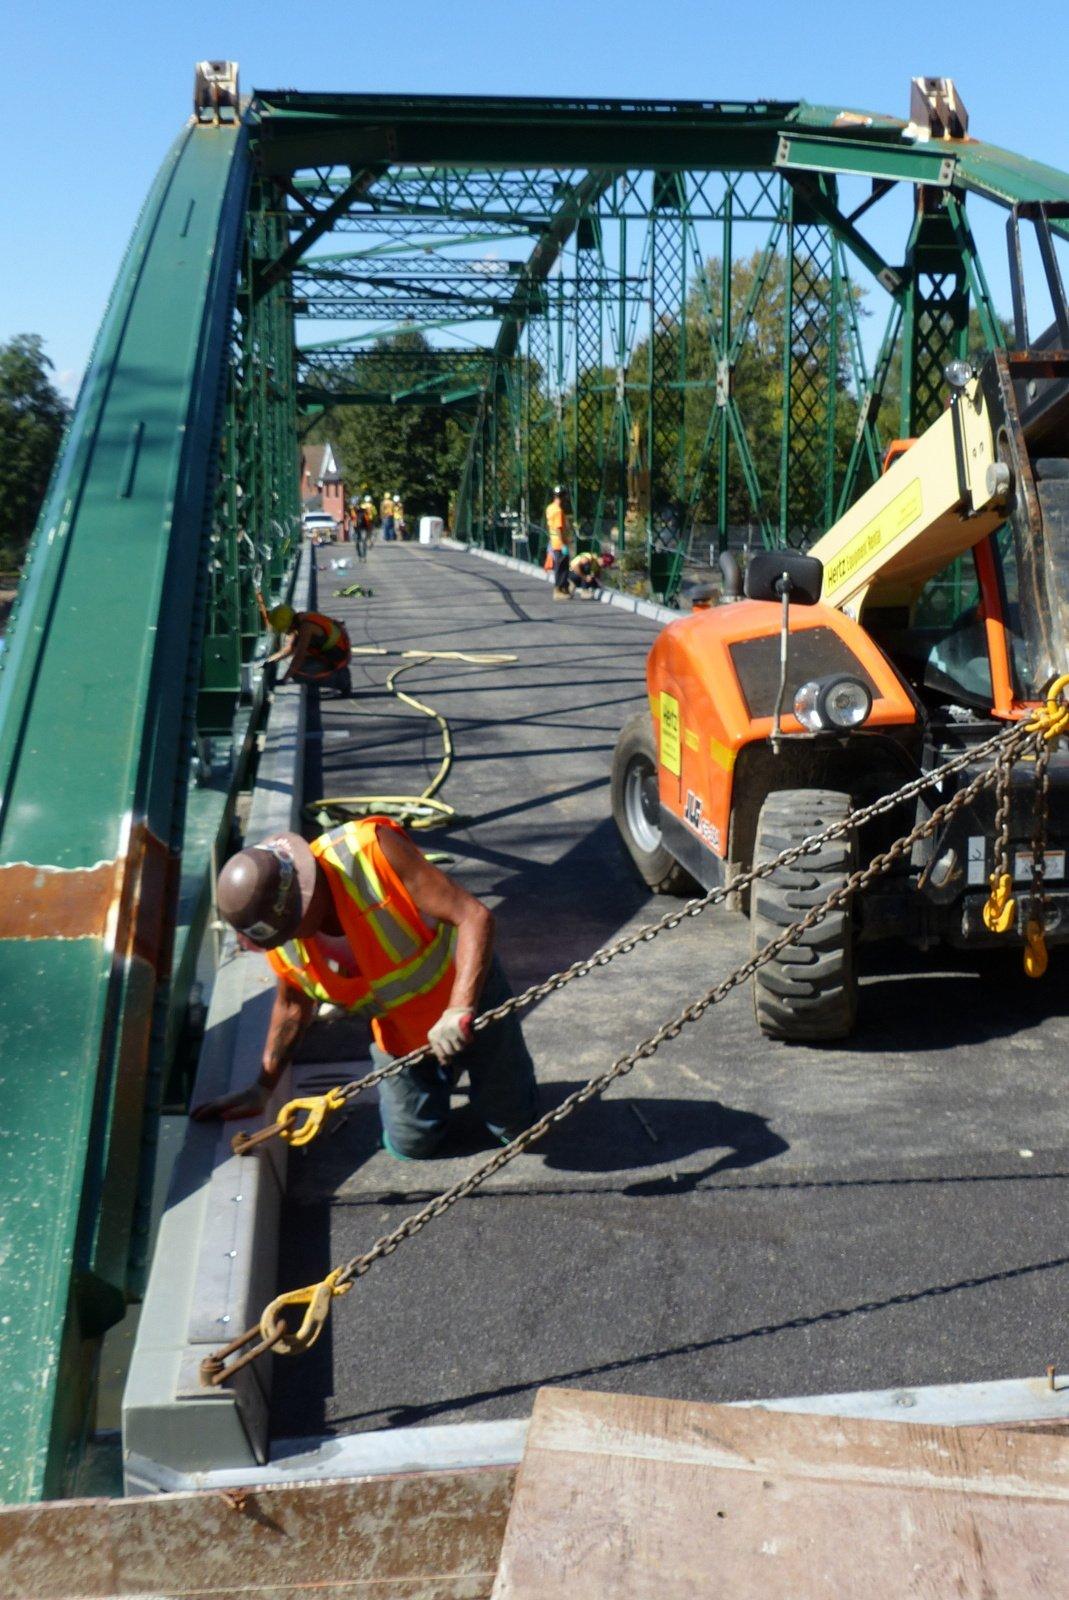 FRP being installed on bridge